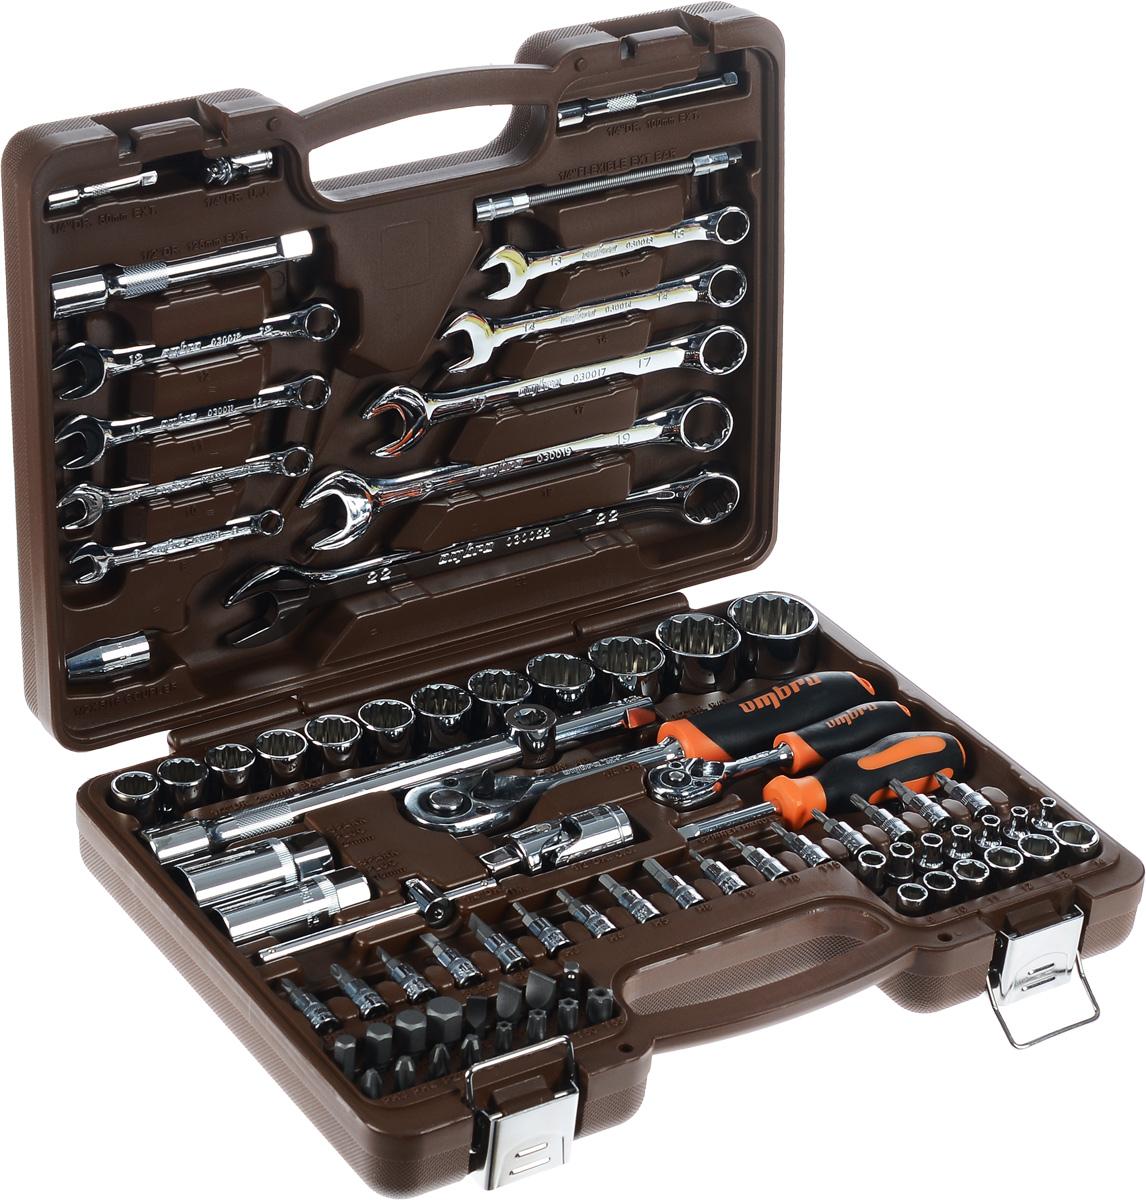 Набор инструментов Ombra, 82 предмета. OMT82SOMT82SНабор инструментов Ombra состоит из 82 предметов и предназначен для монтажа/демонтажа резьбовых соединений. Предметы набора выполнены из высококачественной стали. Инструменты соответствуют высоким стандартам качества, поэтому подойдут как для использования на бытовом уровне, так и для применения в профессиональной сфере. Состав набора: 1/4: Головки шестигранные: 4 мм, 4,5 мм, 5 мм, 5,5 мм, 6 мм, 7 мм, 8 мм, 9 мм, 10 мм, 11 мм, 12 мм, 13 мм, 14 мм. Головки со вставками: H3, H4, H5, H6, T8, T10, T15, T20, T25, T30, SL4, SL5,5, SL7, PH1, PH2, PZ1, PZ2. Трещотка с быстрым сбросом. Т-образный вороток. Удлинители: 50 мм, 100 мм. Карданный шарнир. Гибкий удлинитель. Отверточная рукоятка. Адаптер для бит. 1/2: Шестигранные головки: 14 мм, 15 мм, 16 мм, 17 мм, 18 мм, 19 мм, 21 мм, 22 мм, 24 мм, 27 мм, 30 мм, 32 мм. Биты 5/16, 30 мм: H8, H10, H12, H14, T40, T45, T50, T55, SL8, SL10, SL12, PH3, PH4, PZ3, PZ4. ...